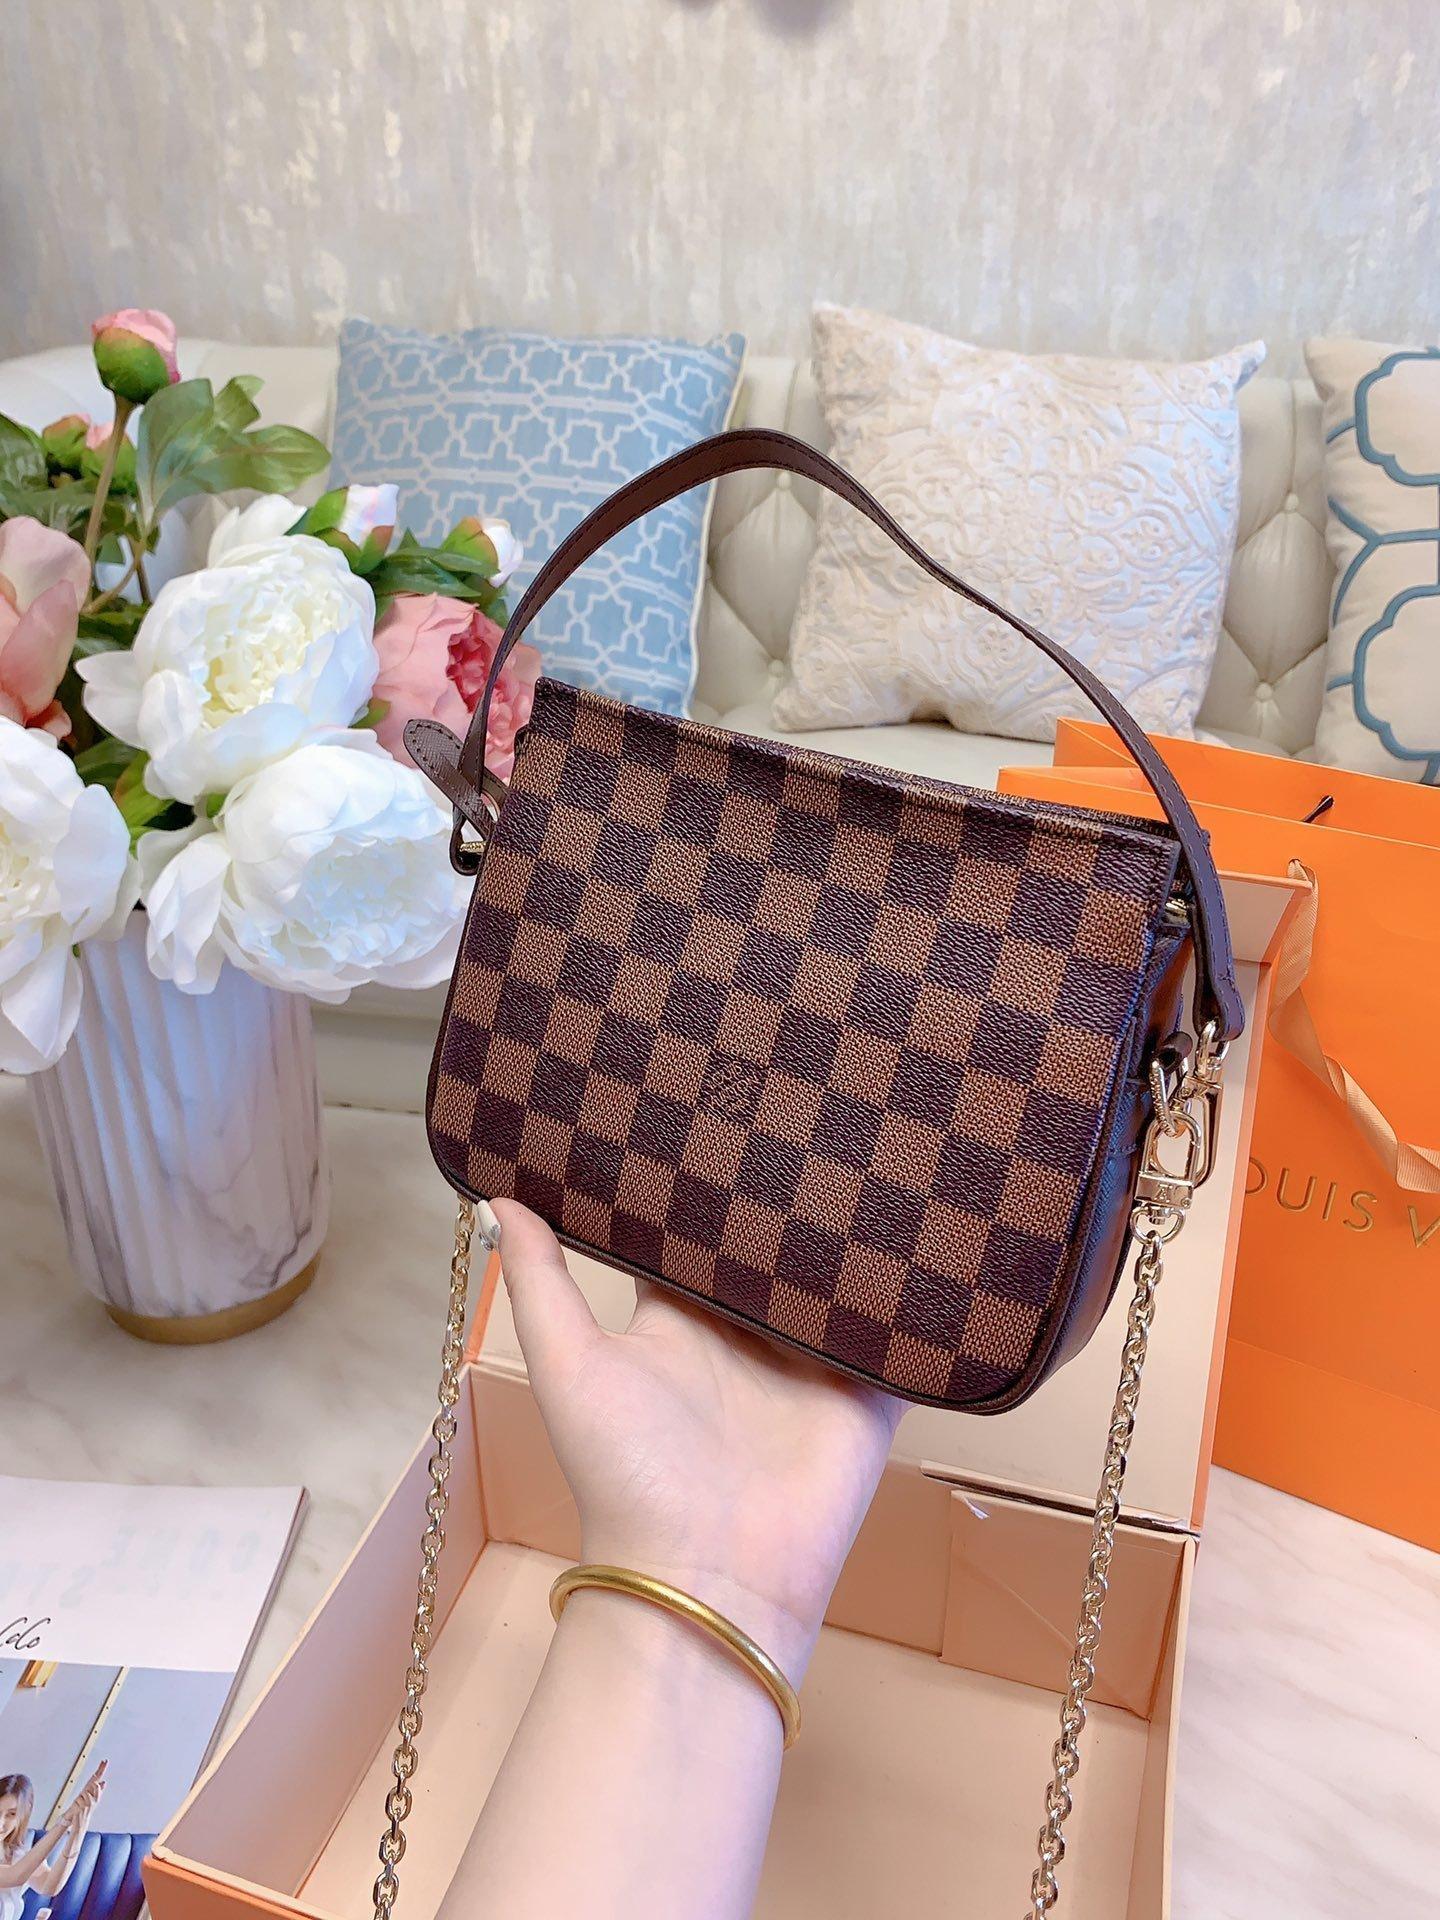 Top-Qualität sackt Handtaschenfrauen der Frauen Handtaschen Geldbörsen tote heißen bester Verkauf frei RQH9 Versand